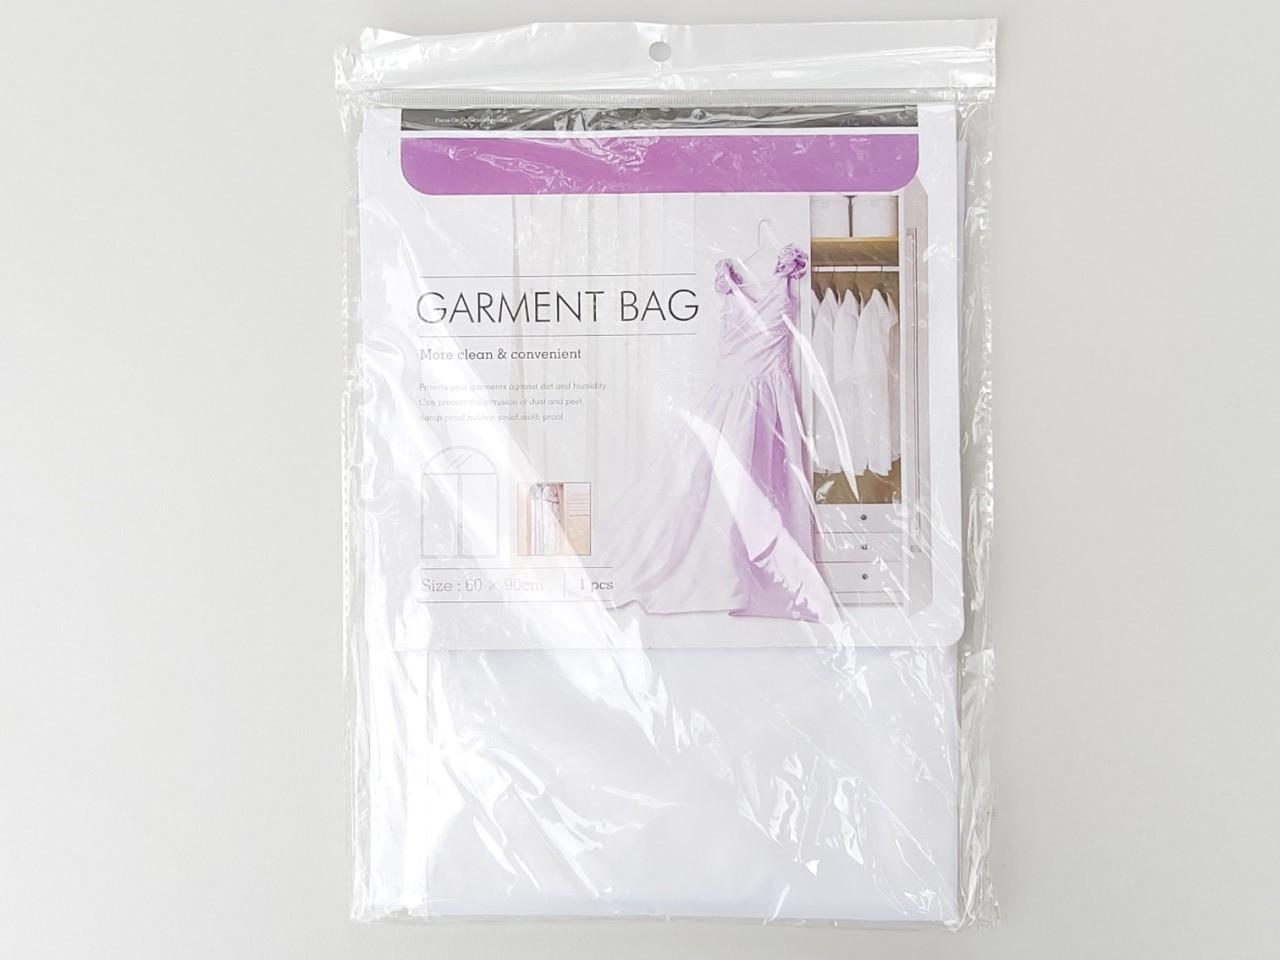 Чехол для хранения одежды из плащевки бело-прозрачного цвета, размер 60*90 см